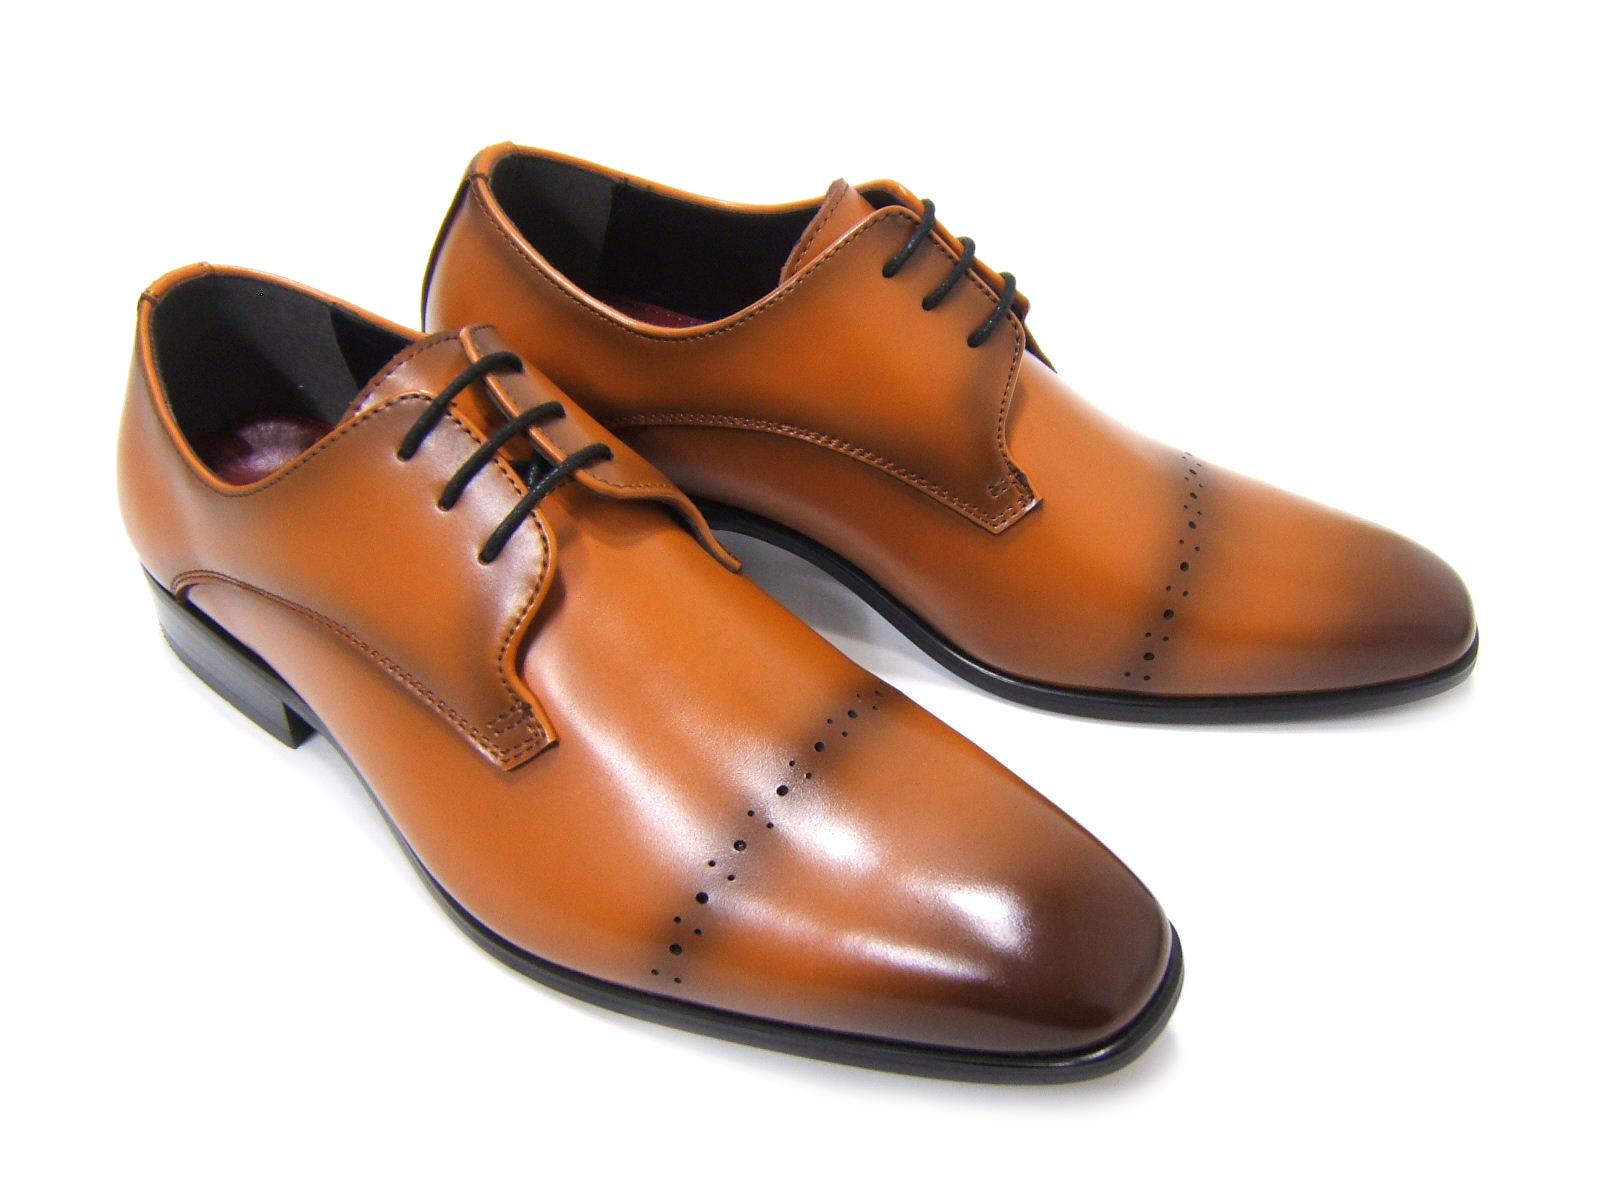 上品で遊び心ある大人の紳士ビジネスシューズ!YUKIKO HANAI/ユキコ ハナイ ビジネスYH-1601 紳士靴 ライトブラウン ストレートチップ飾り穴/メダリオン ビジネス 送料無料 ポイント10倍